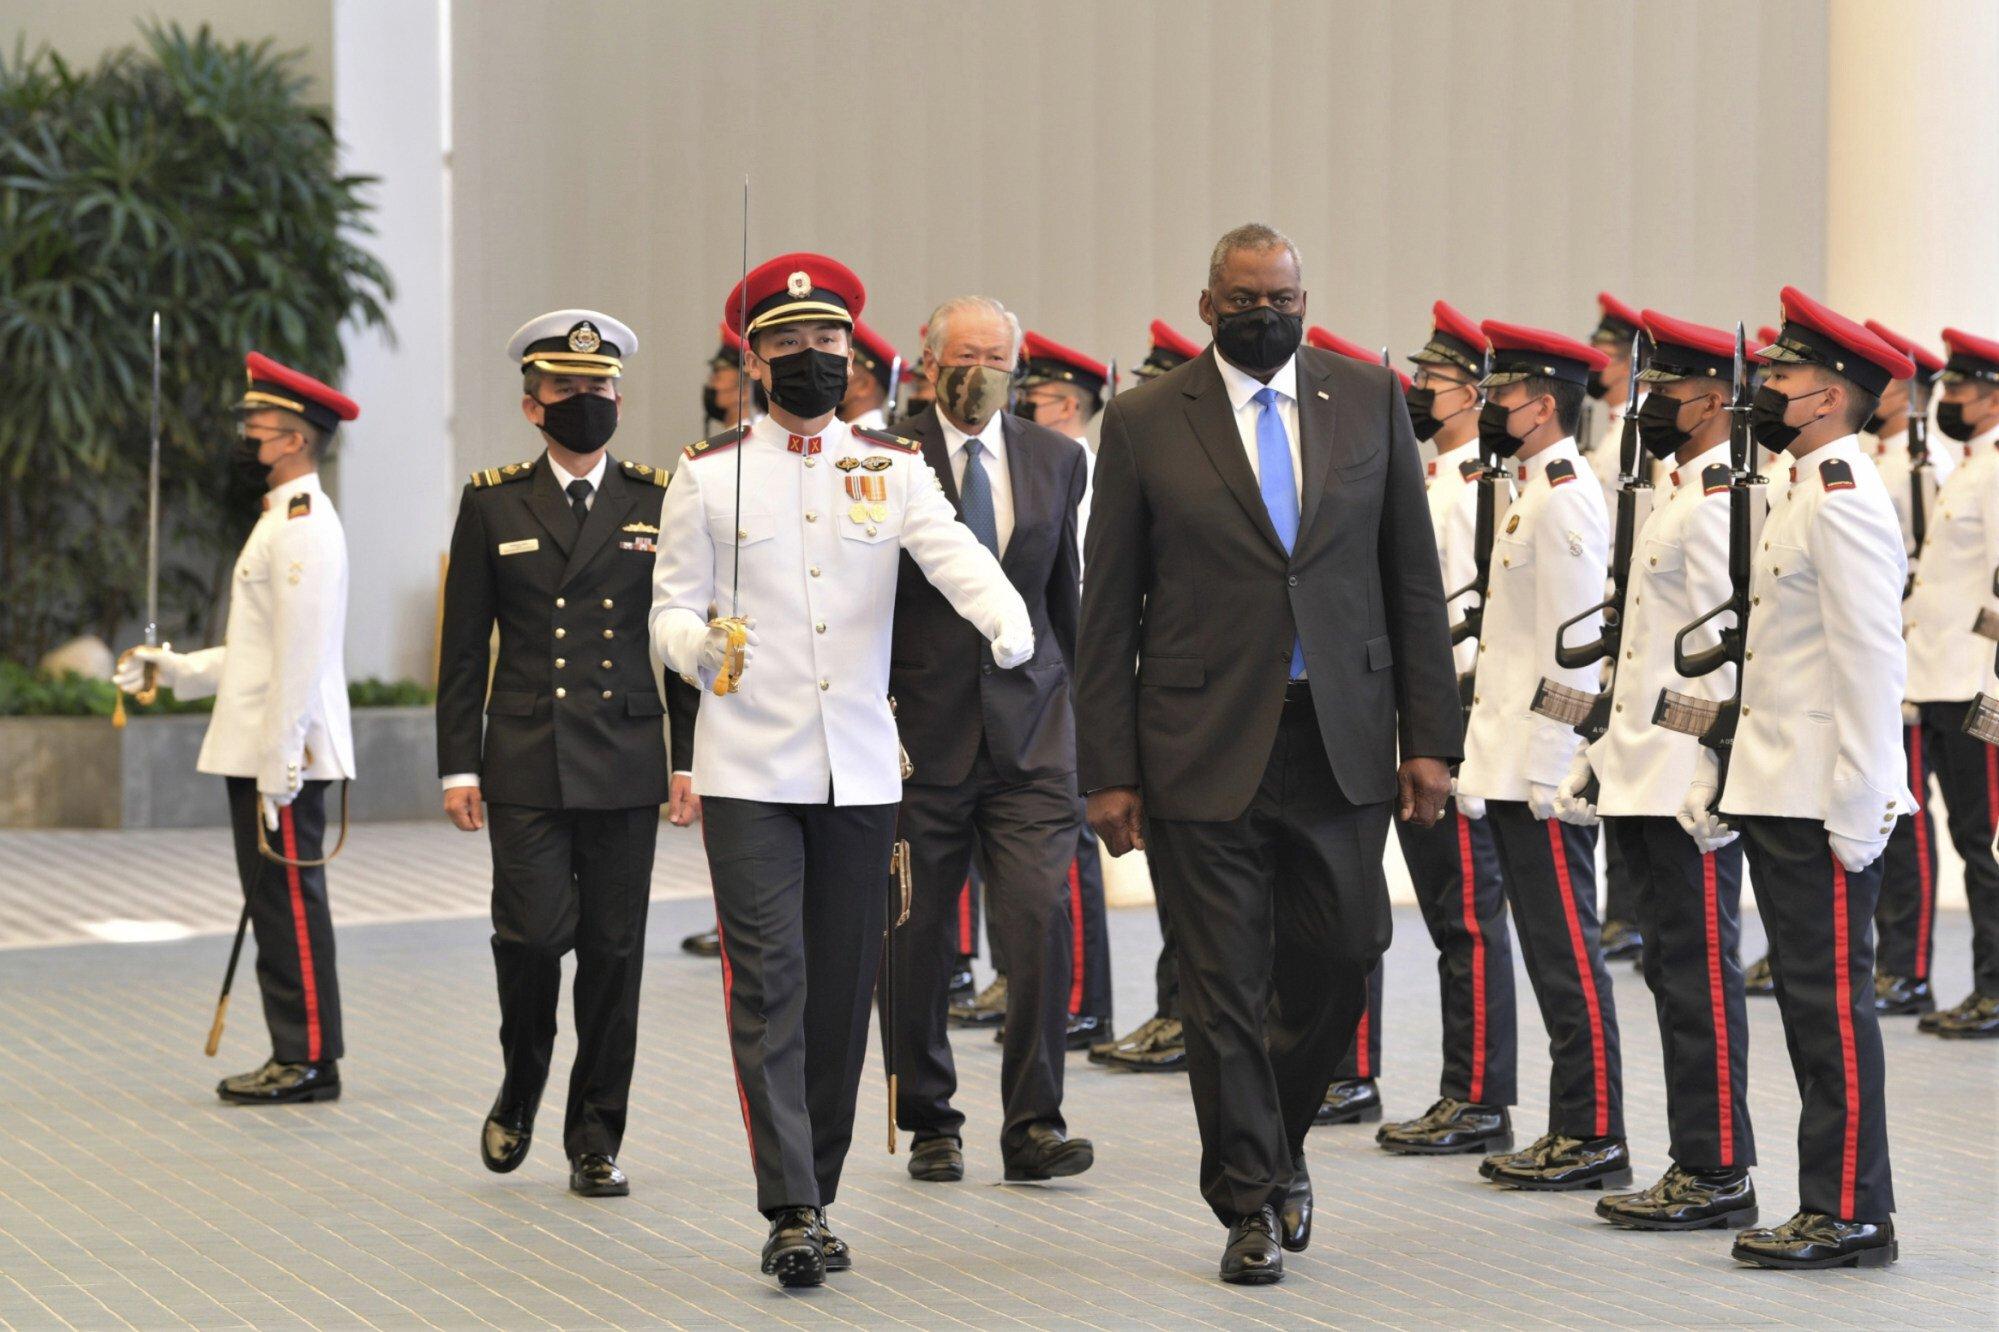 27 июля министр обороны США Ллойд Остин и министр обороны Сингапура Нг Энг Хен осматривают почетный караул в Министерстве обороны Сингапура. Фото: Министерство обороны Сингапура через AP